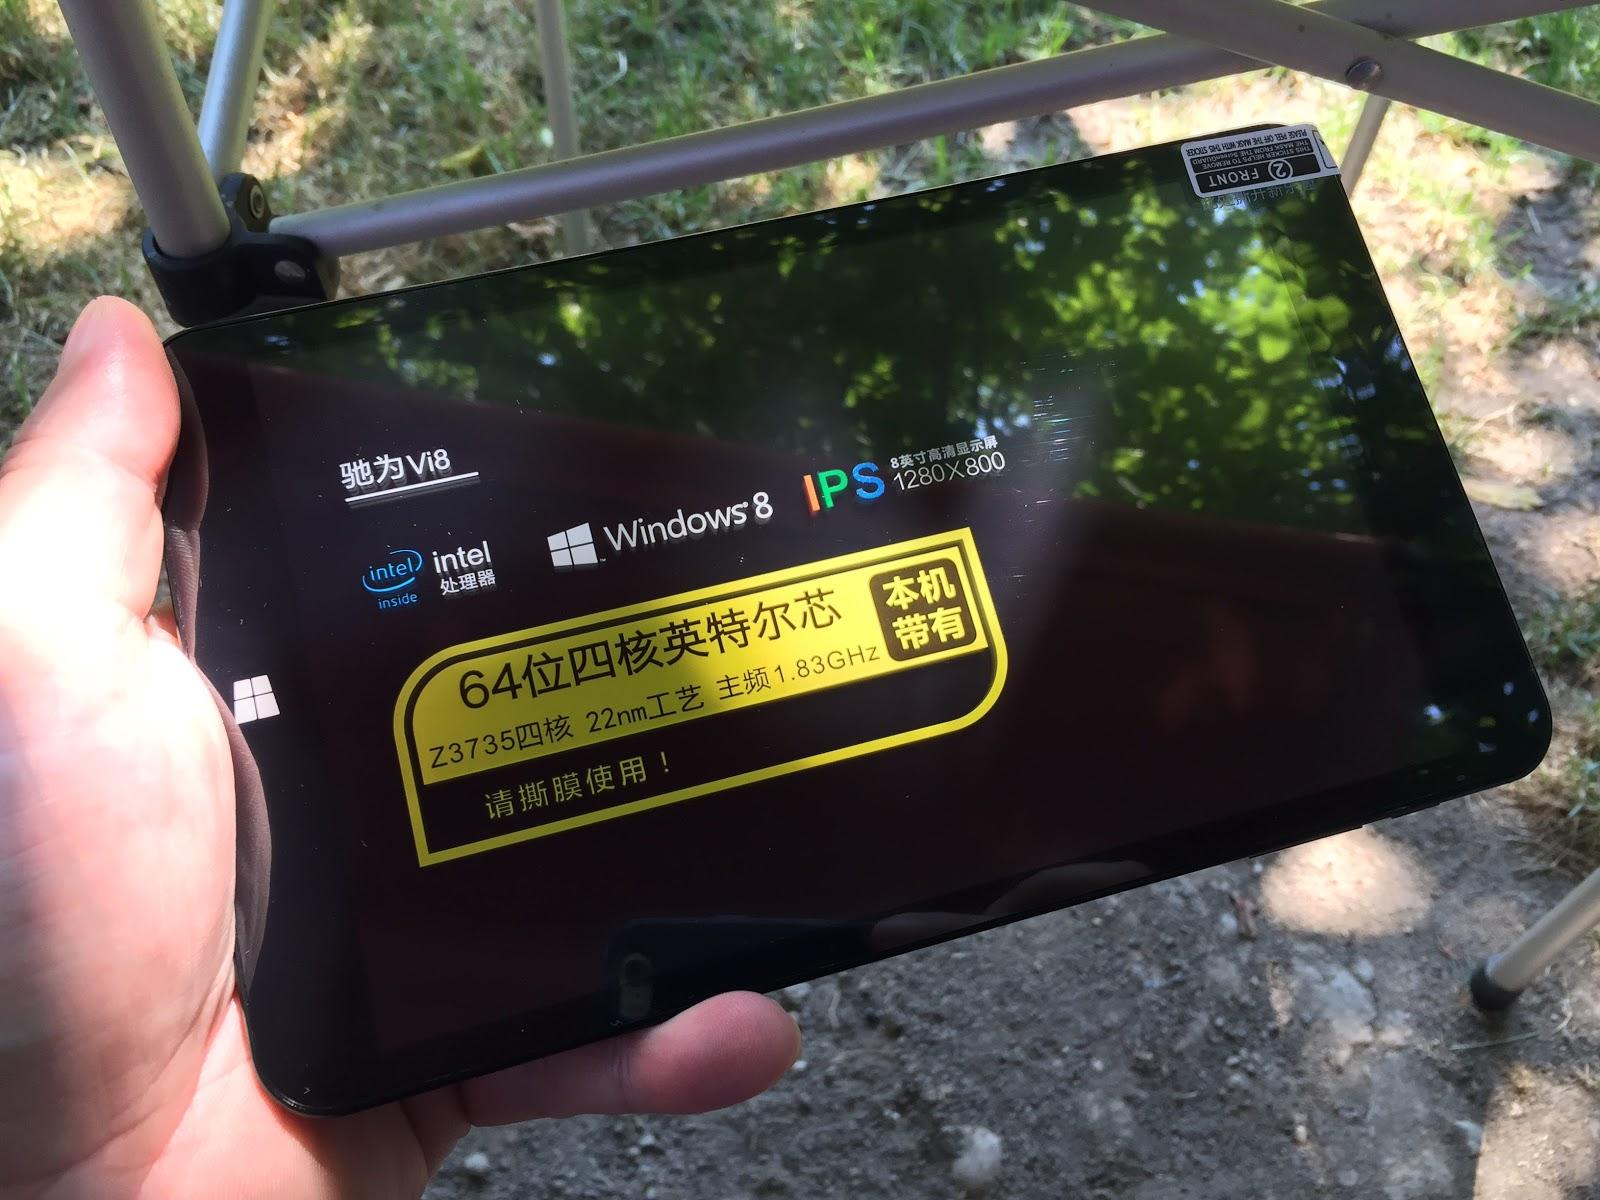 Primul contact Mobilissimo cu o tabletă dual boot: modelul Chuwi Vi8 vine cu Android şi Windows 8.1 la bord